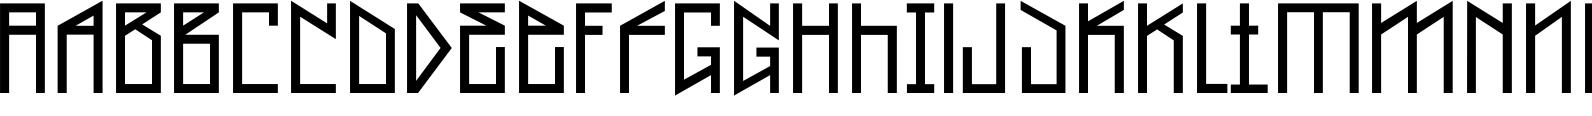 Pixacao